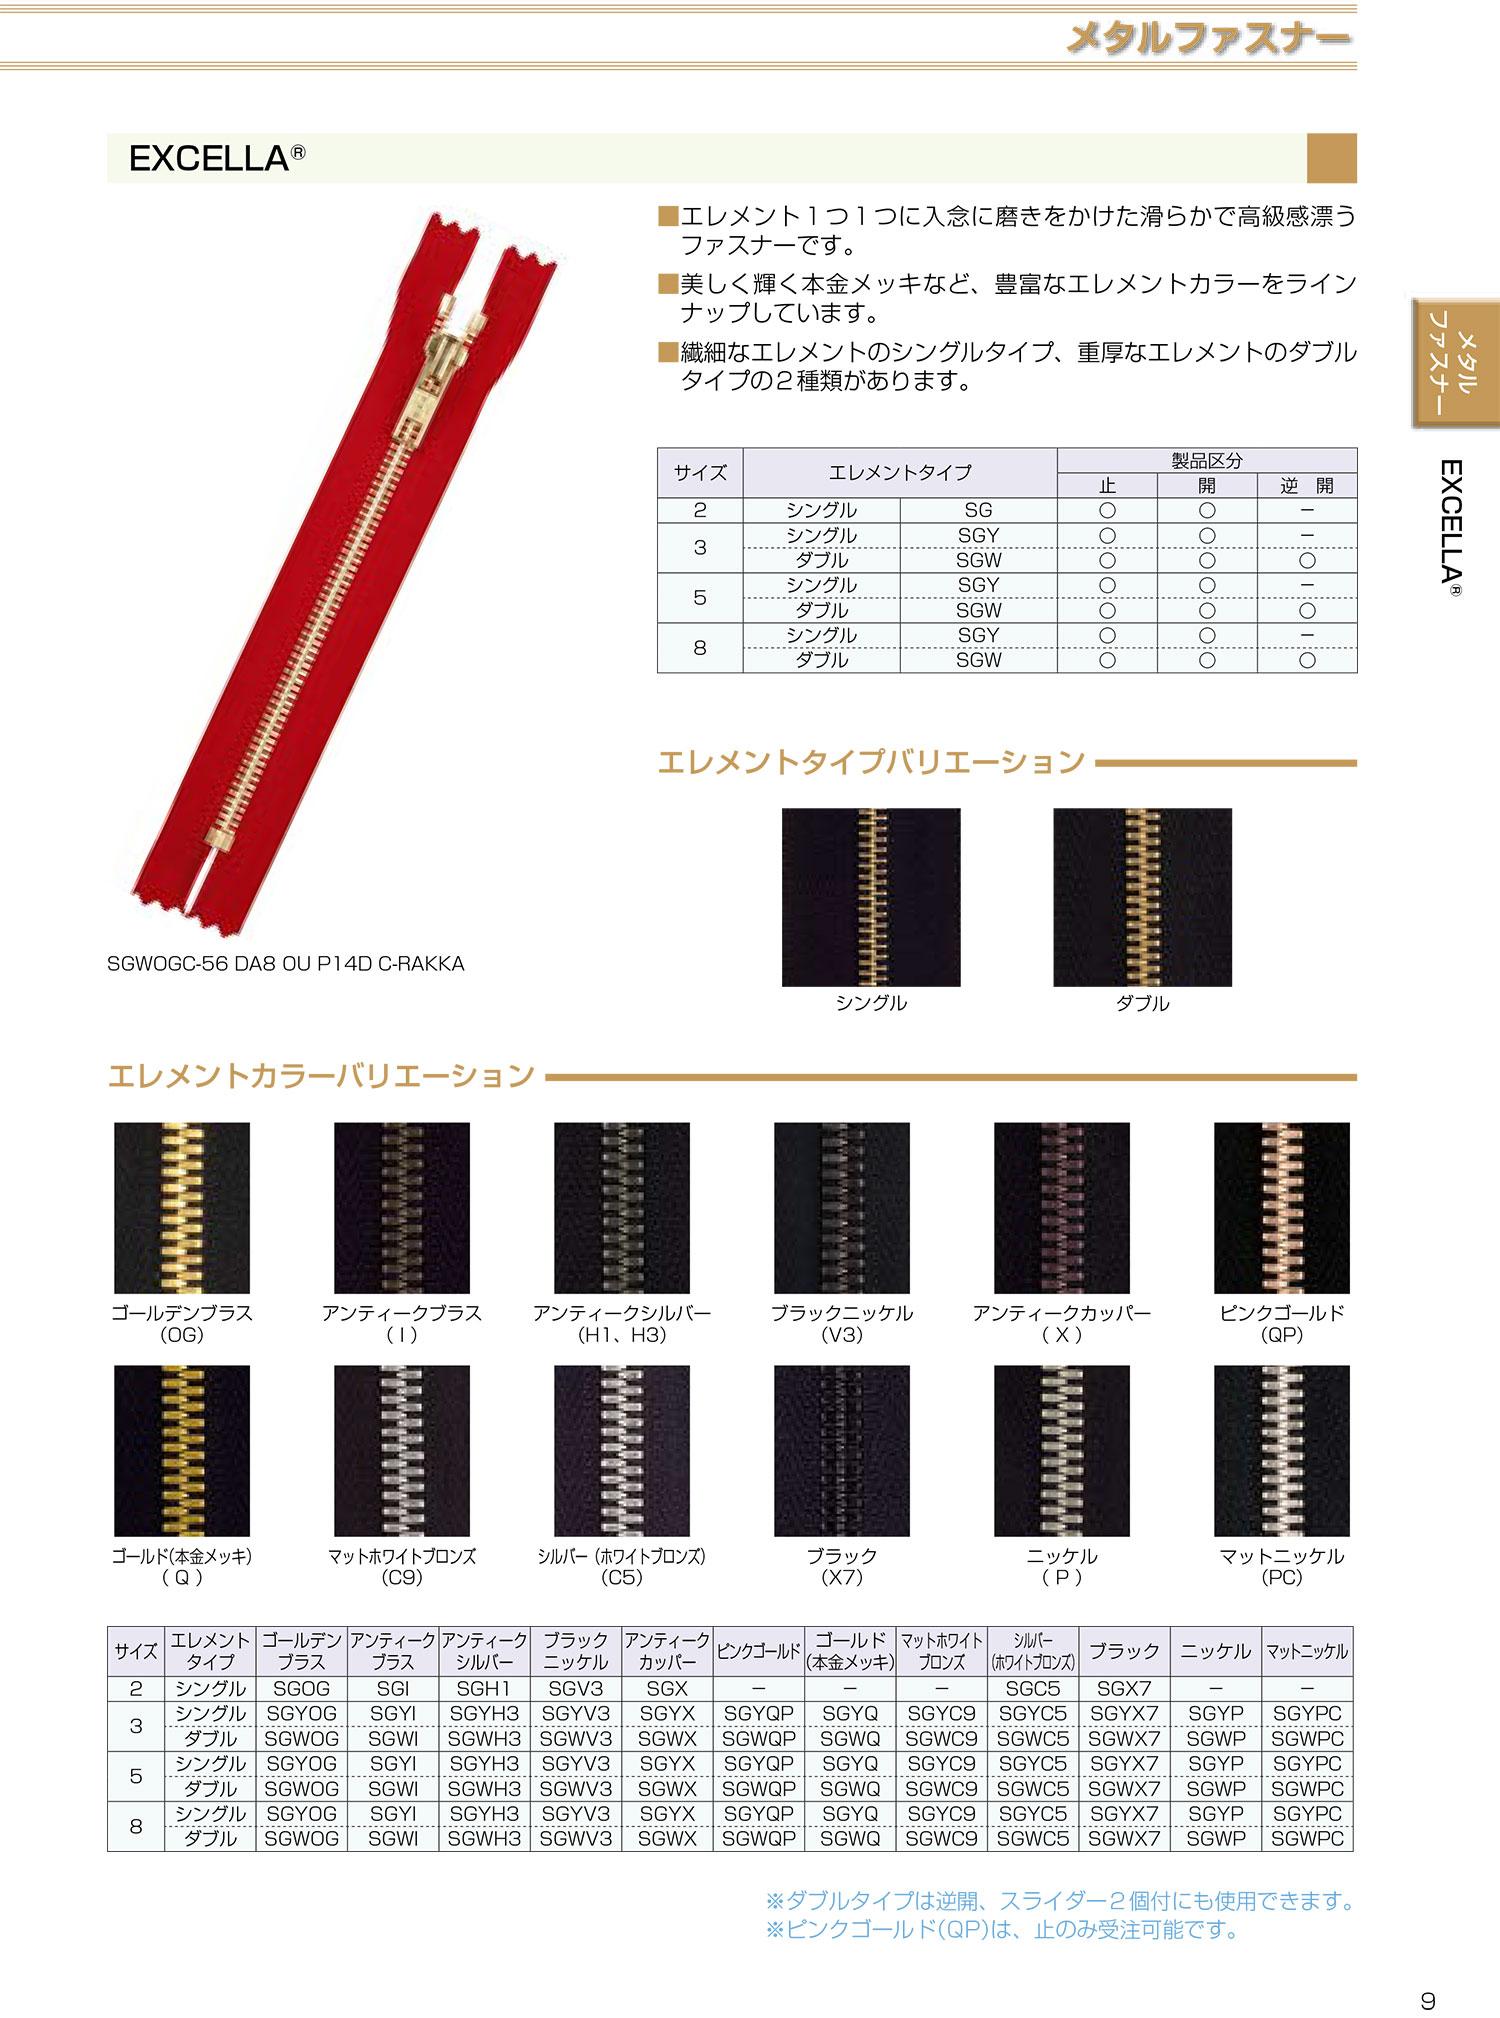 3SGWPOR エクセラ 3サイズ ニッケル オープン ダブルダブル[ファスナー] YKK/オークラ商事 - ApparelX アパレル資材卸通販